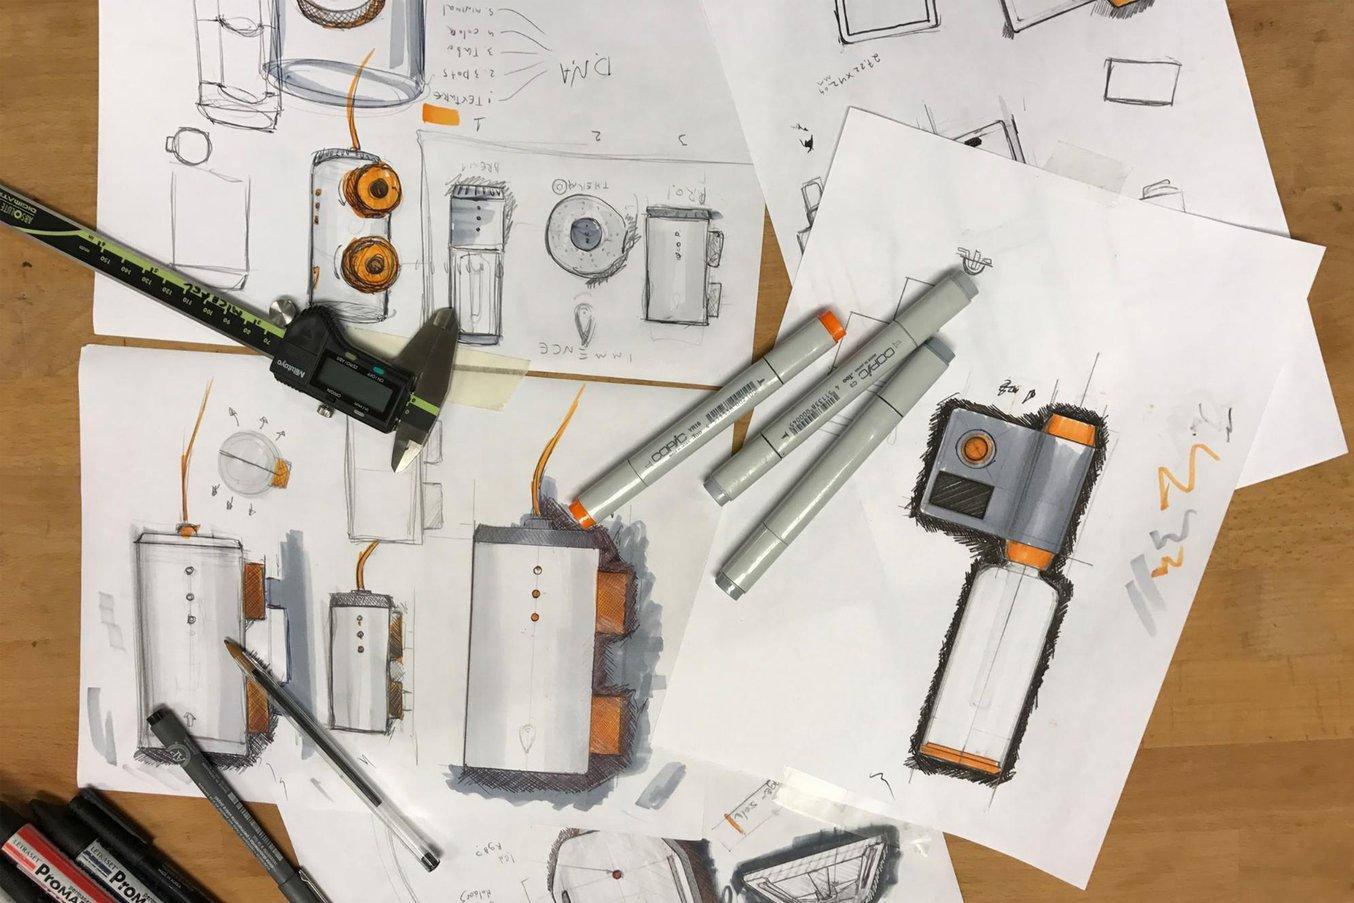 Kononsky ha proposto diverse idee per il design della camera di compensazione.